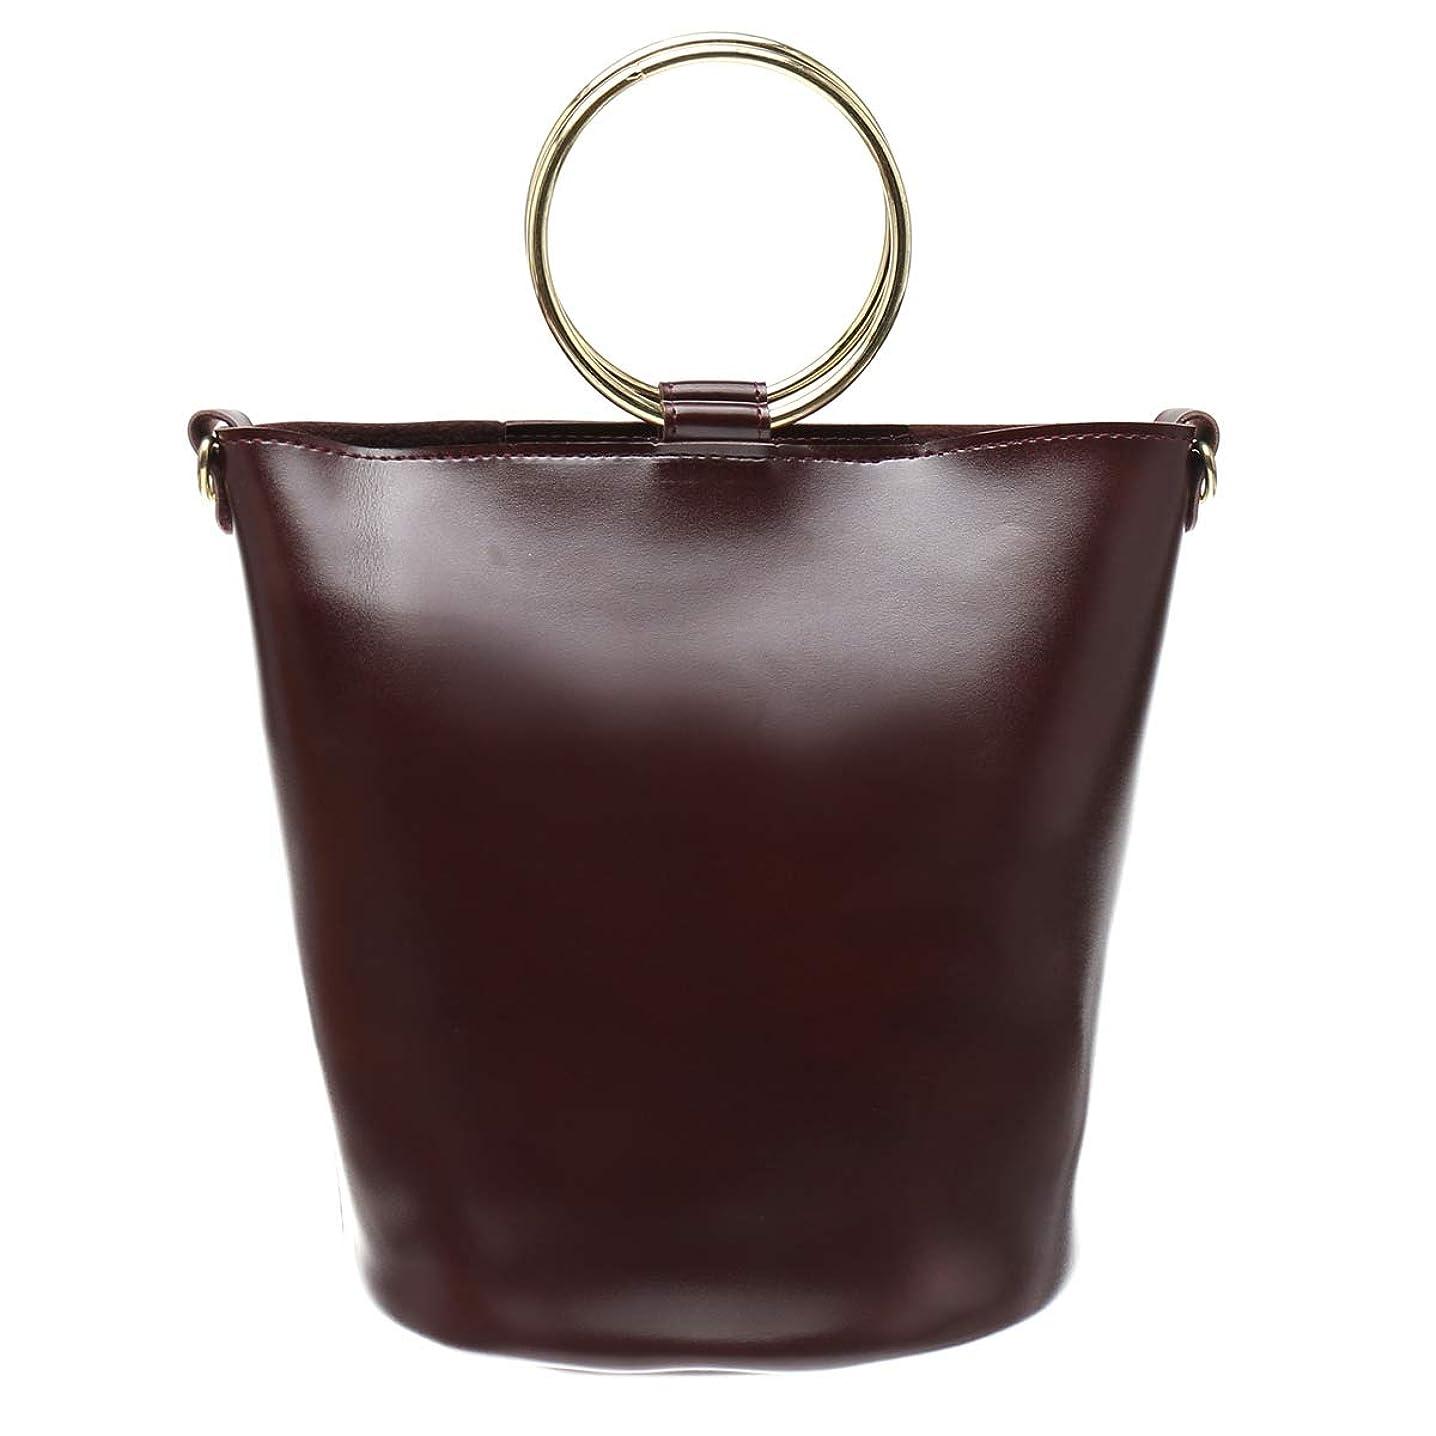 予測子物思いにふける離すゴールドリング ハンドルバッグ バケツ型 バケツバッグ ハンドバッグ ショルダーバッグ レディース バッグ bag